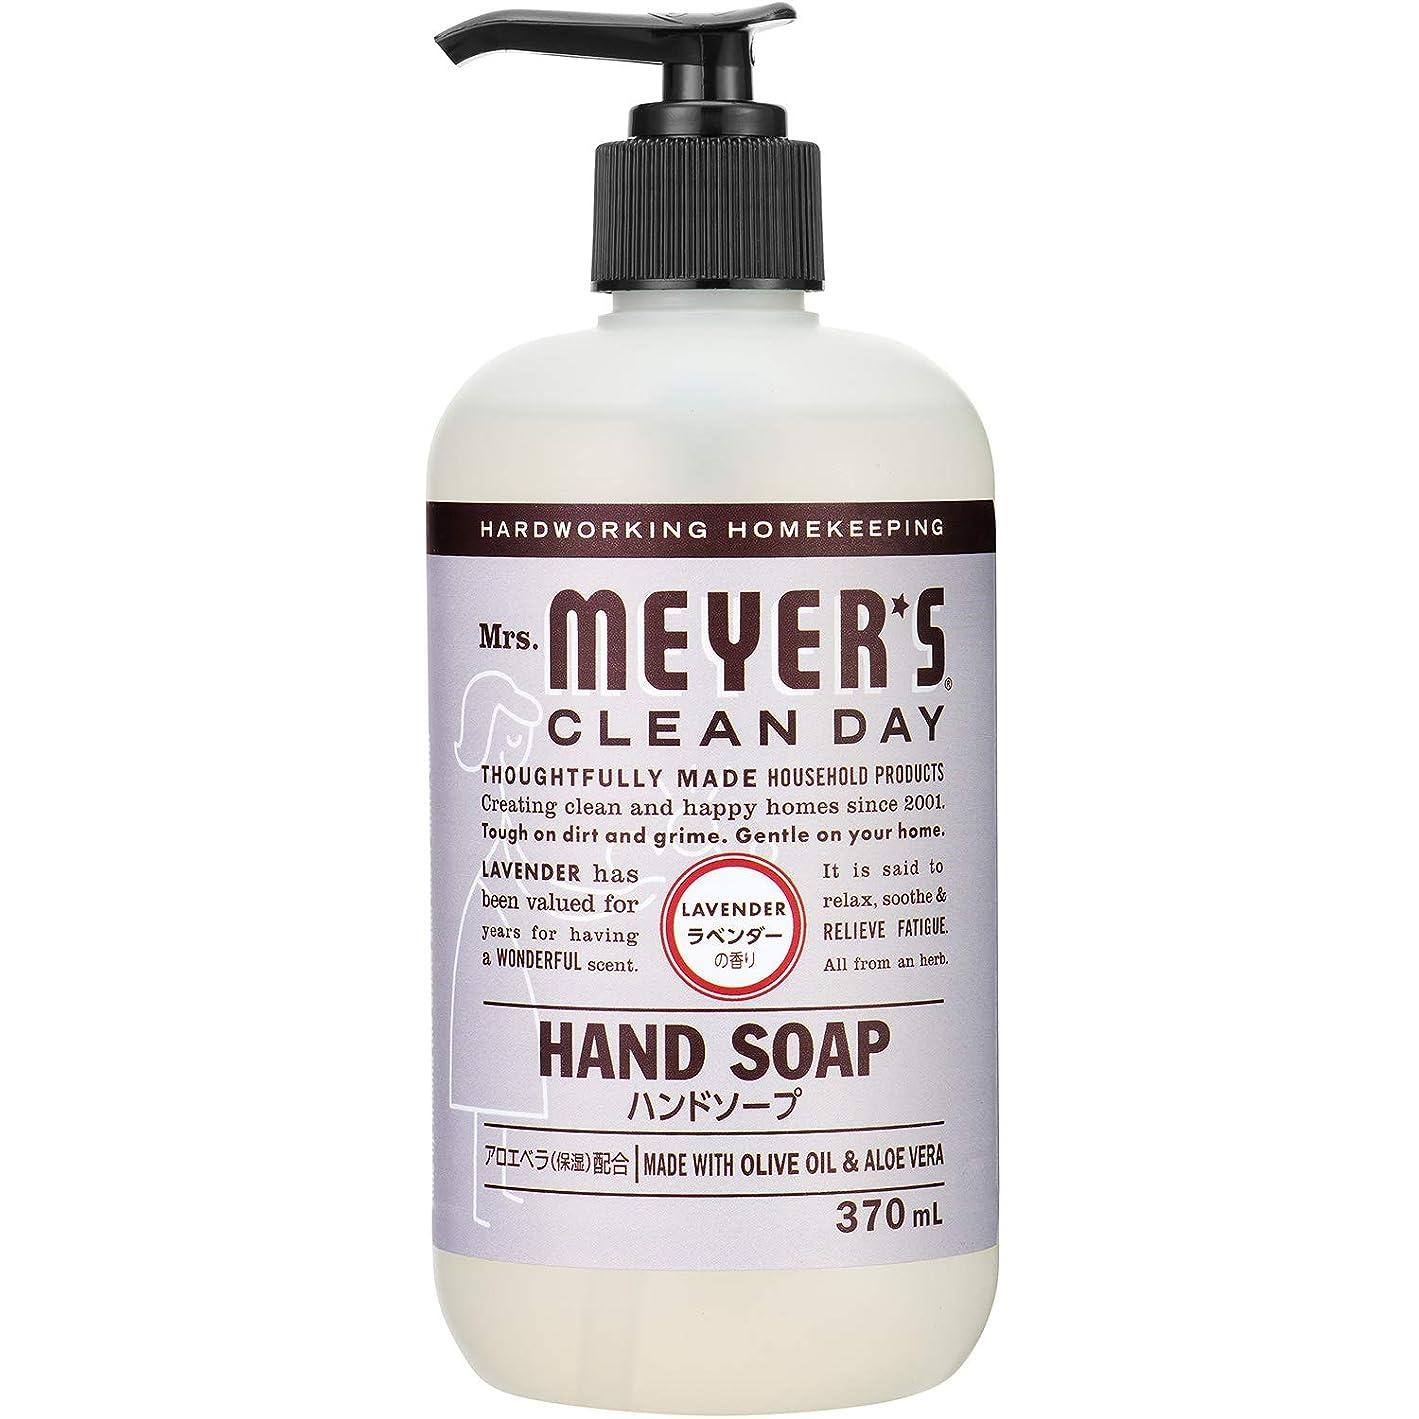 防腐剤ビリー常にMrs. MEYER'S CLEAN DAY(ミセスマイヤーズ クリーンデイ) ミセスマイヤーズ クリーンデイ(Mrs.Meyers Clean Day) ハンドソープ ラベンダーの香り 370ml